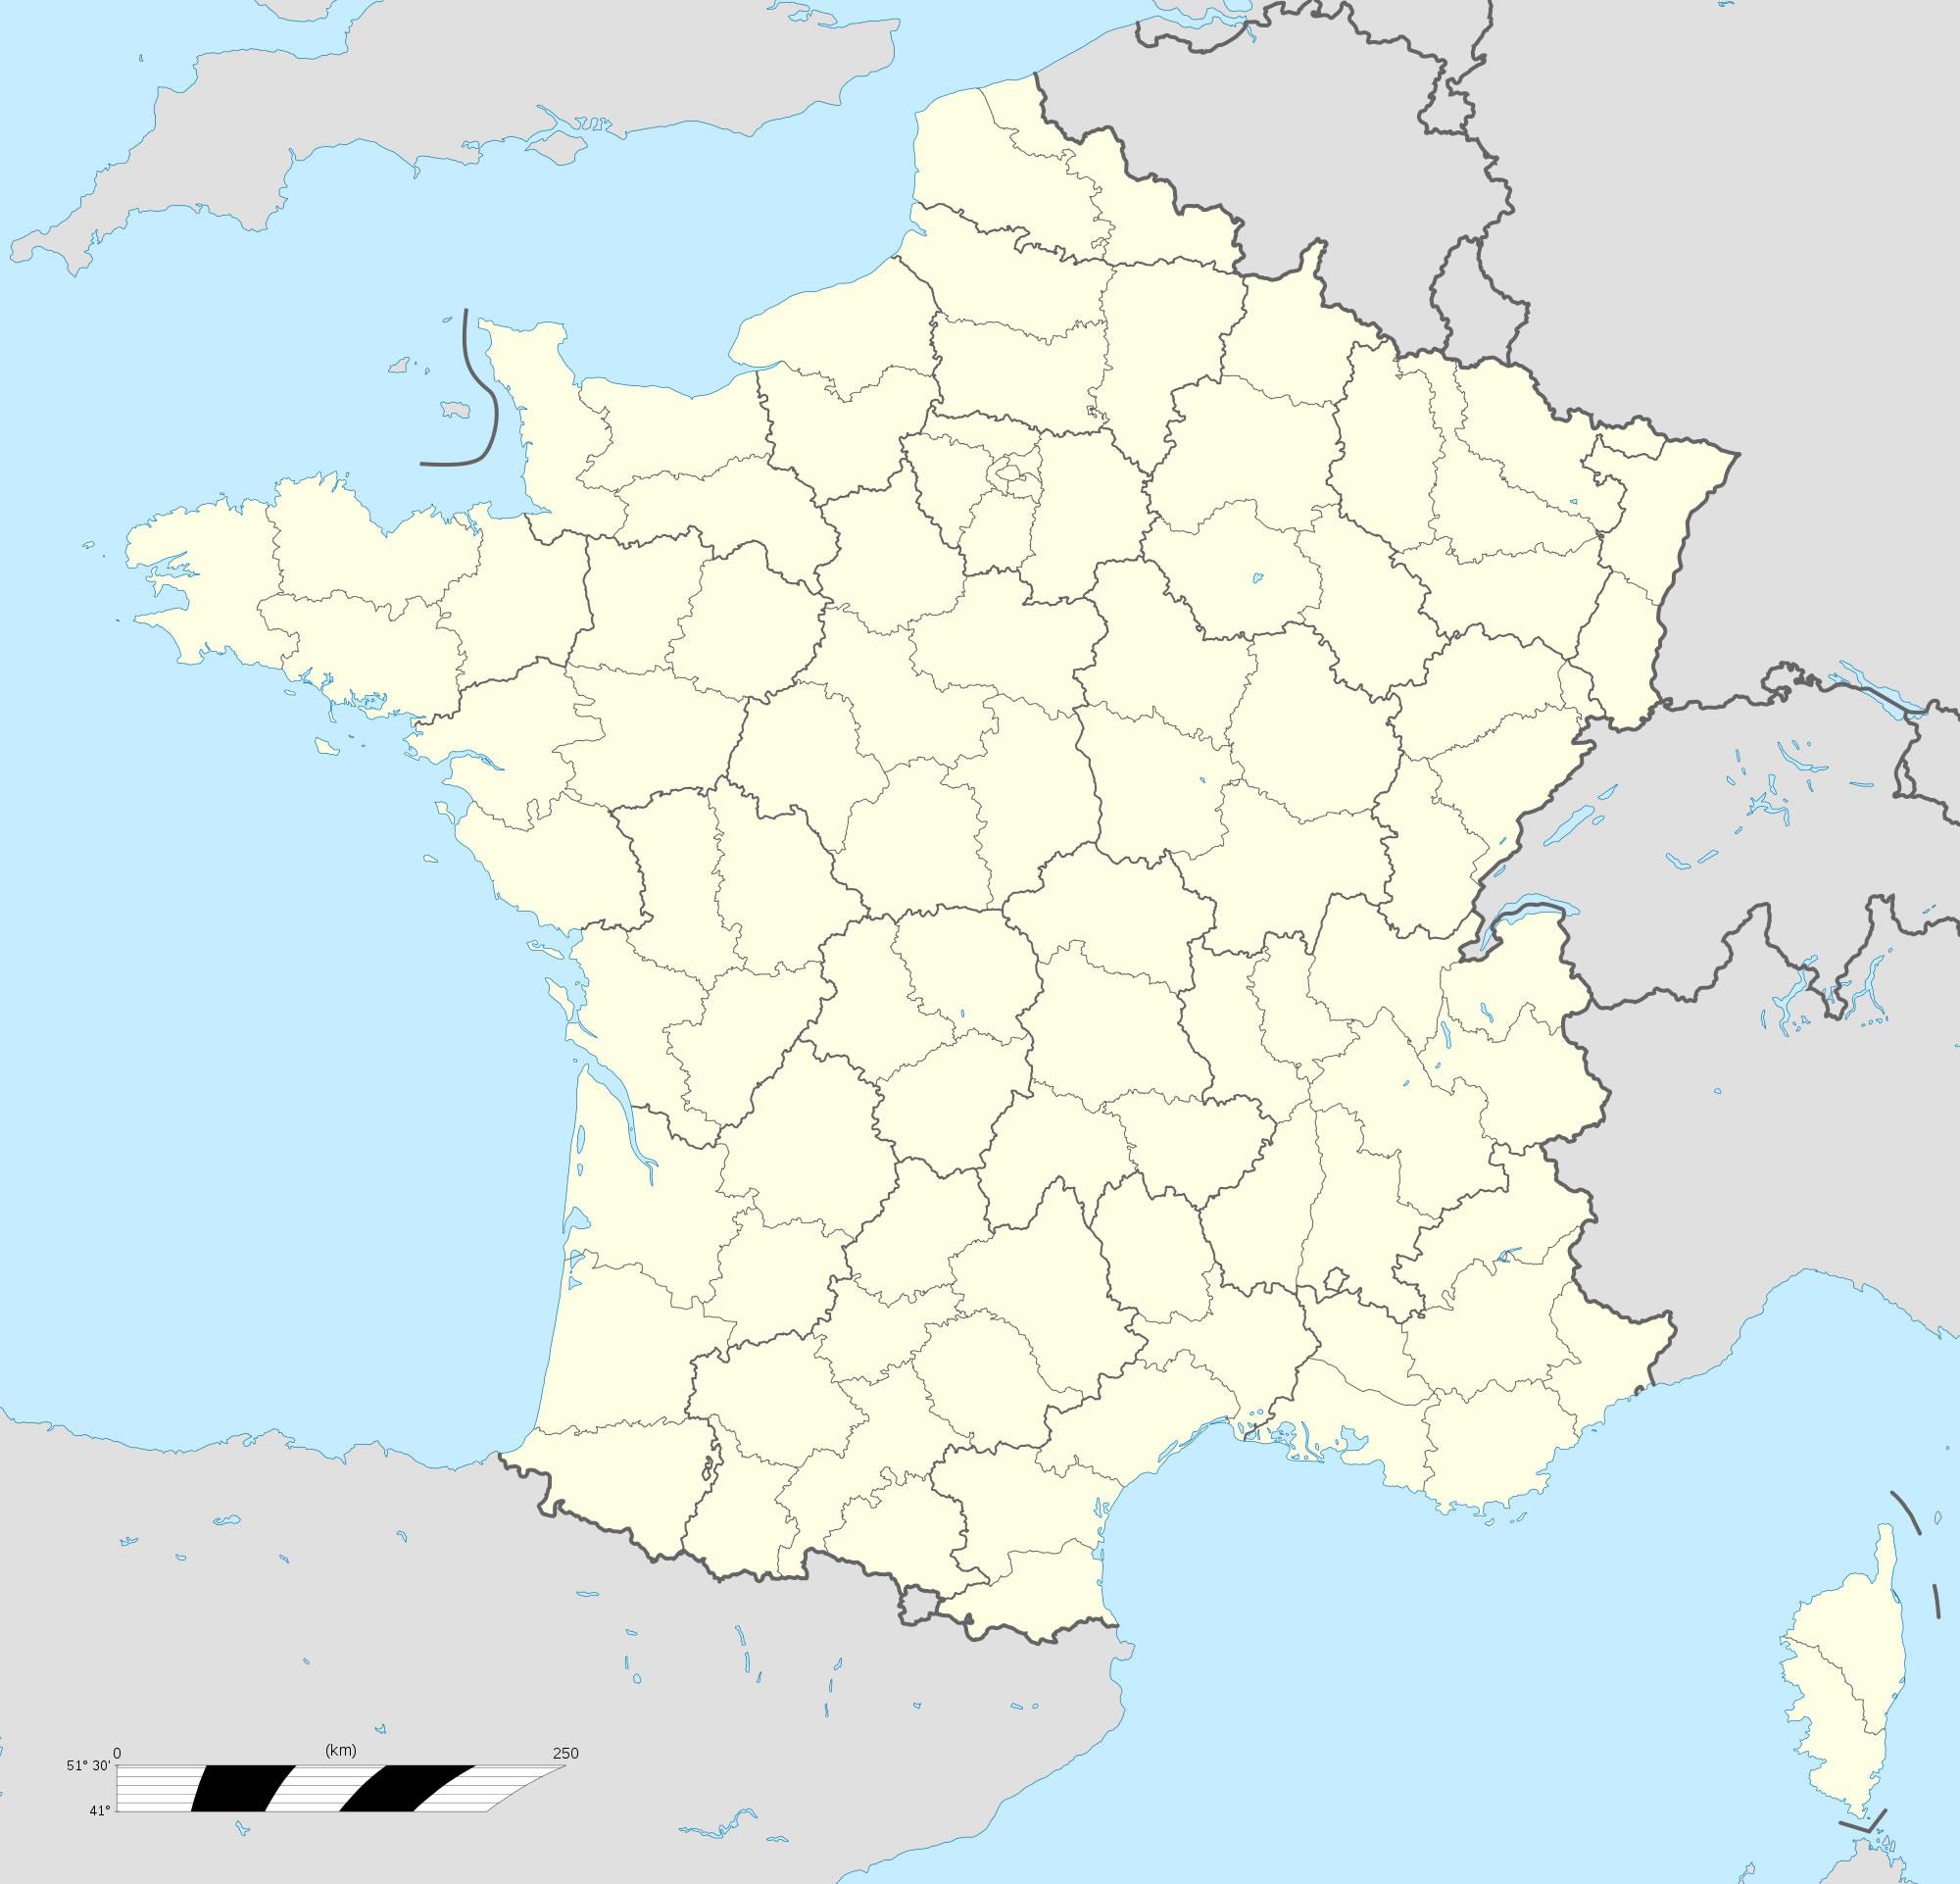 Carte De France Vierge Régions, Carte Vierge Des Régions De intérieur Carte Ile De France Vierge